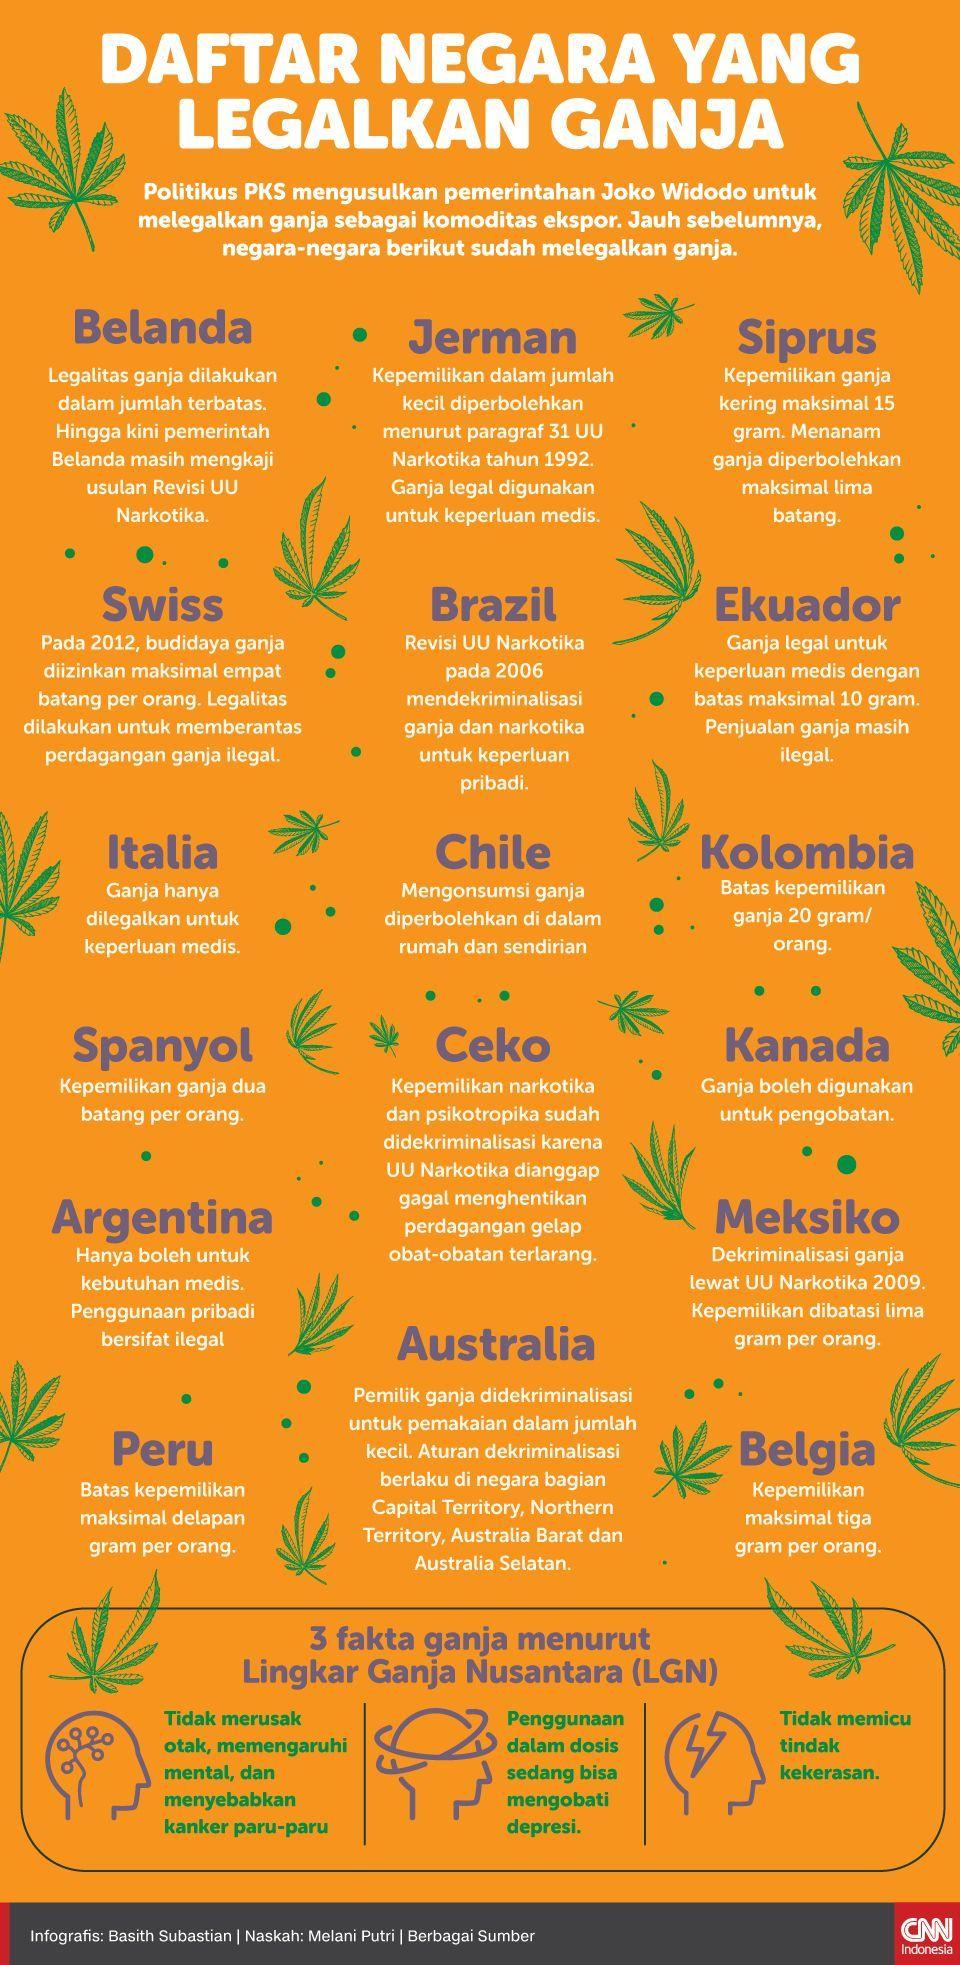 Infografis Daftar Negara yang legalkan Ganja